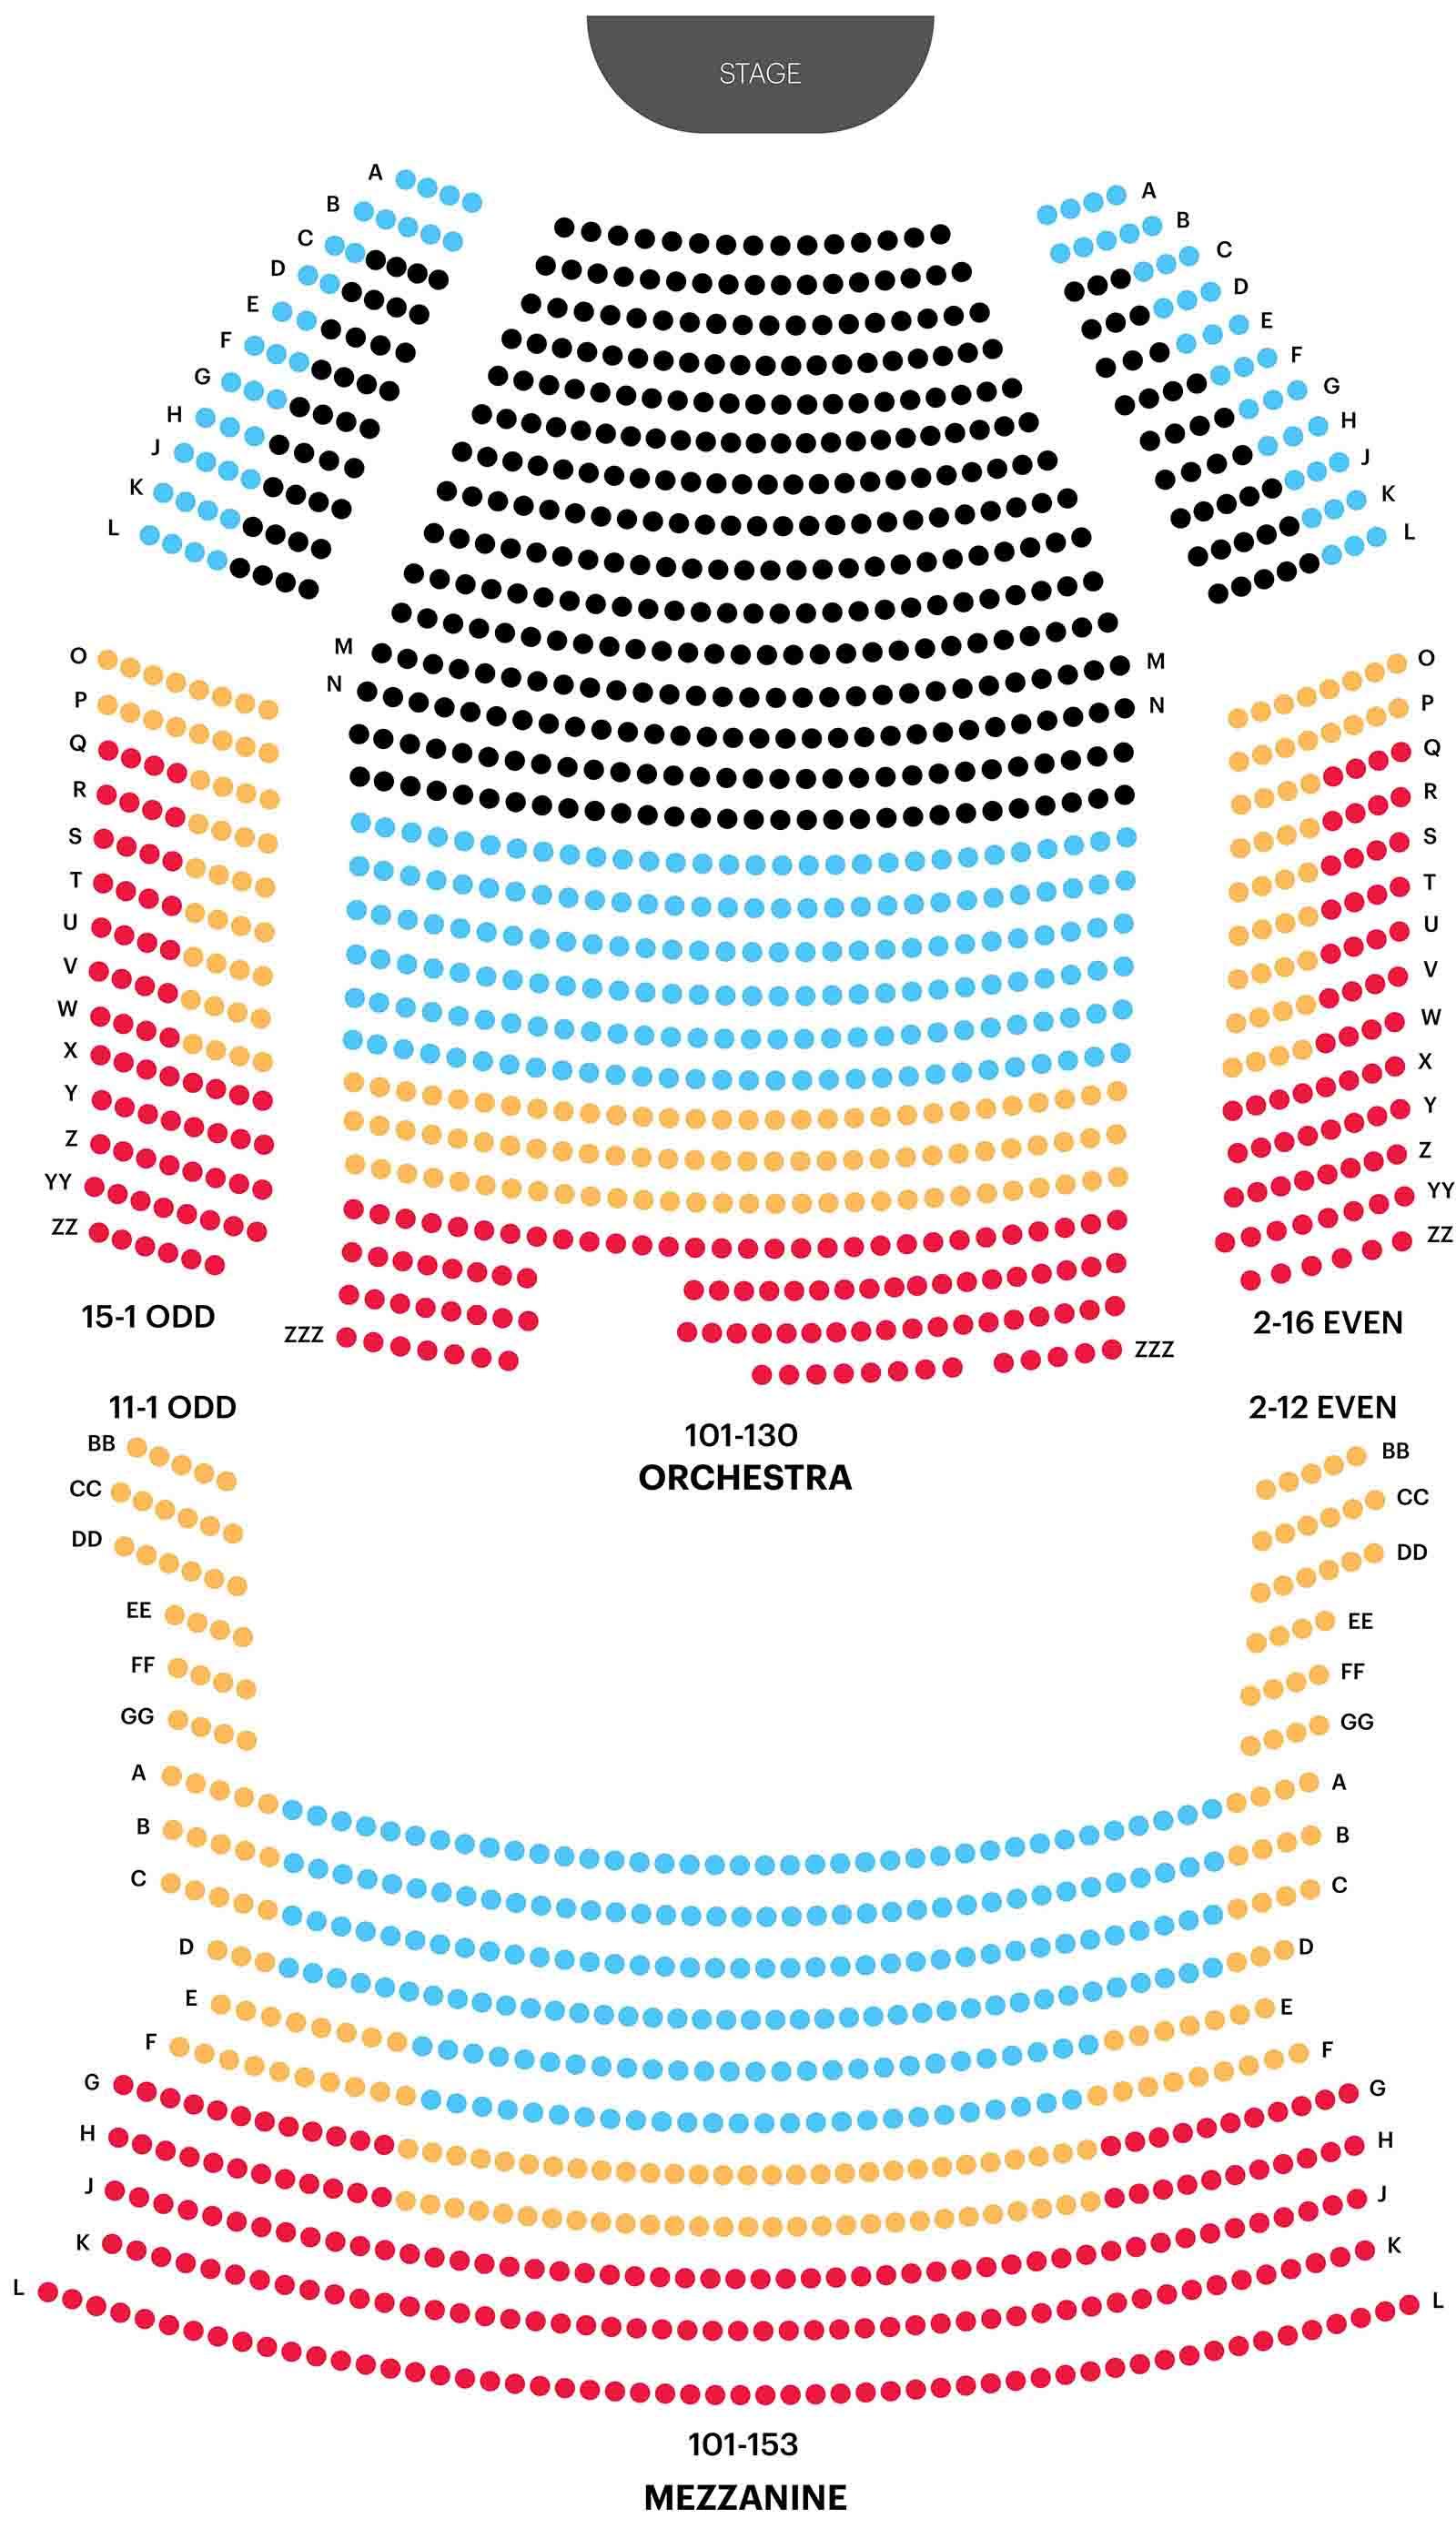 El plan de asientos del Rey León